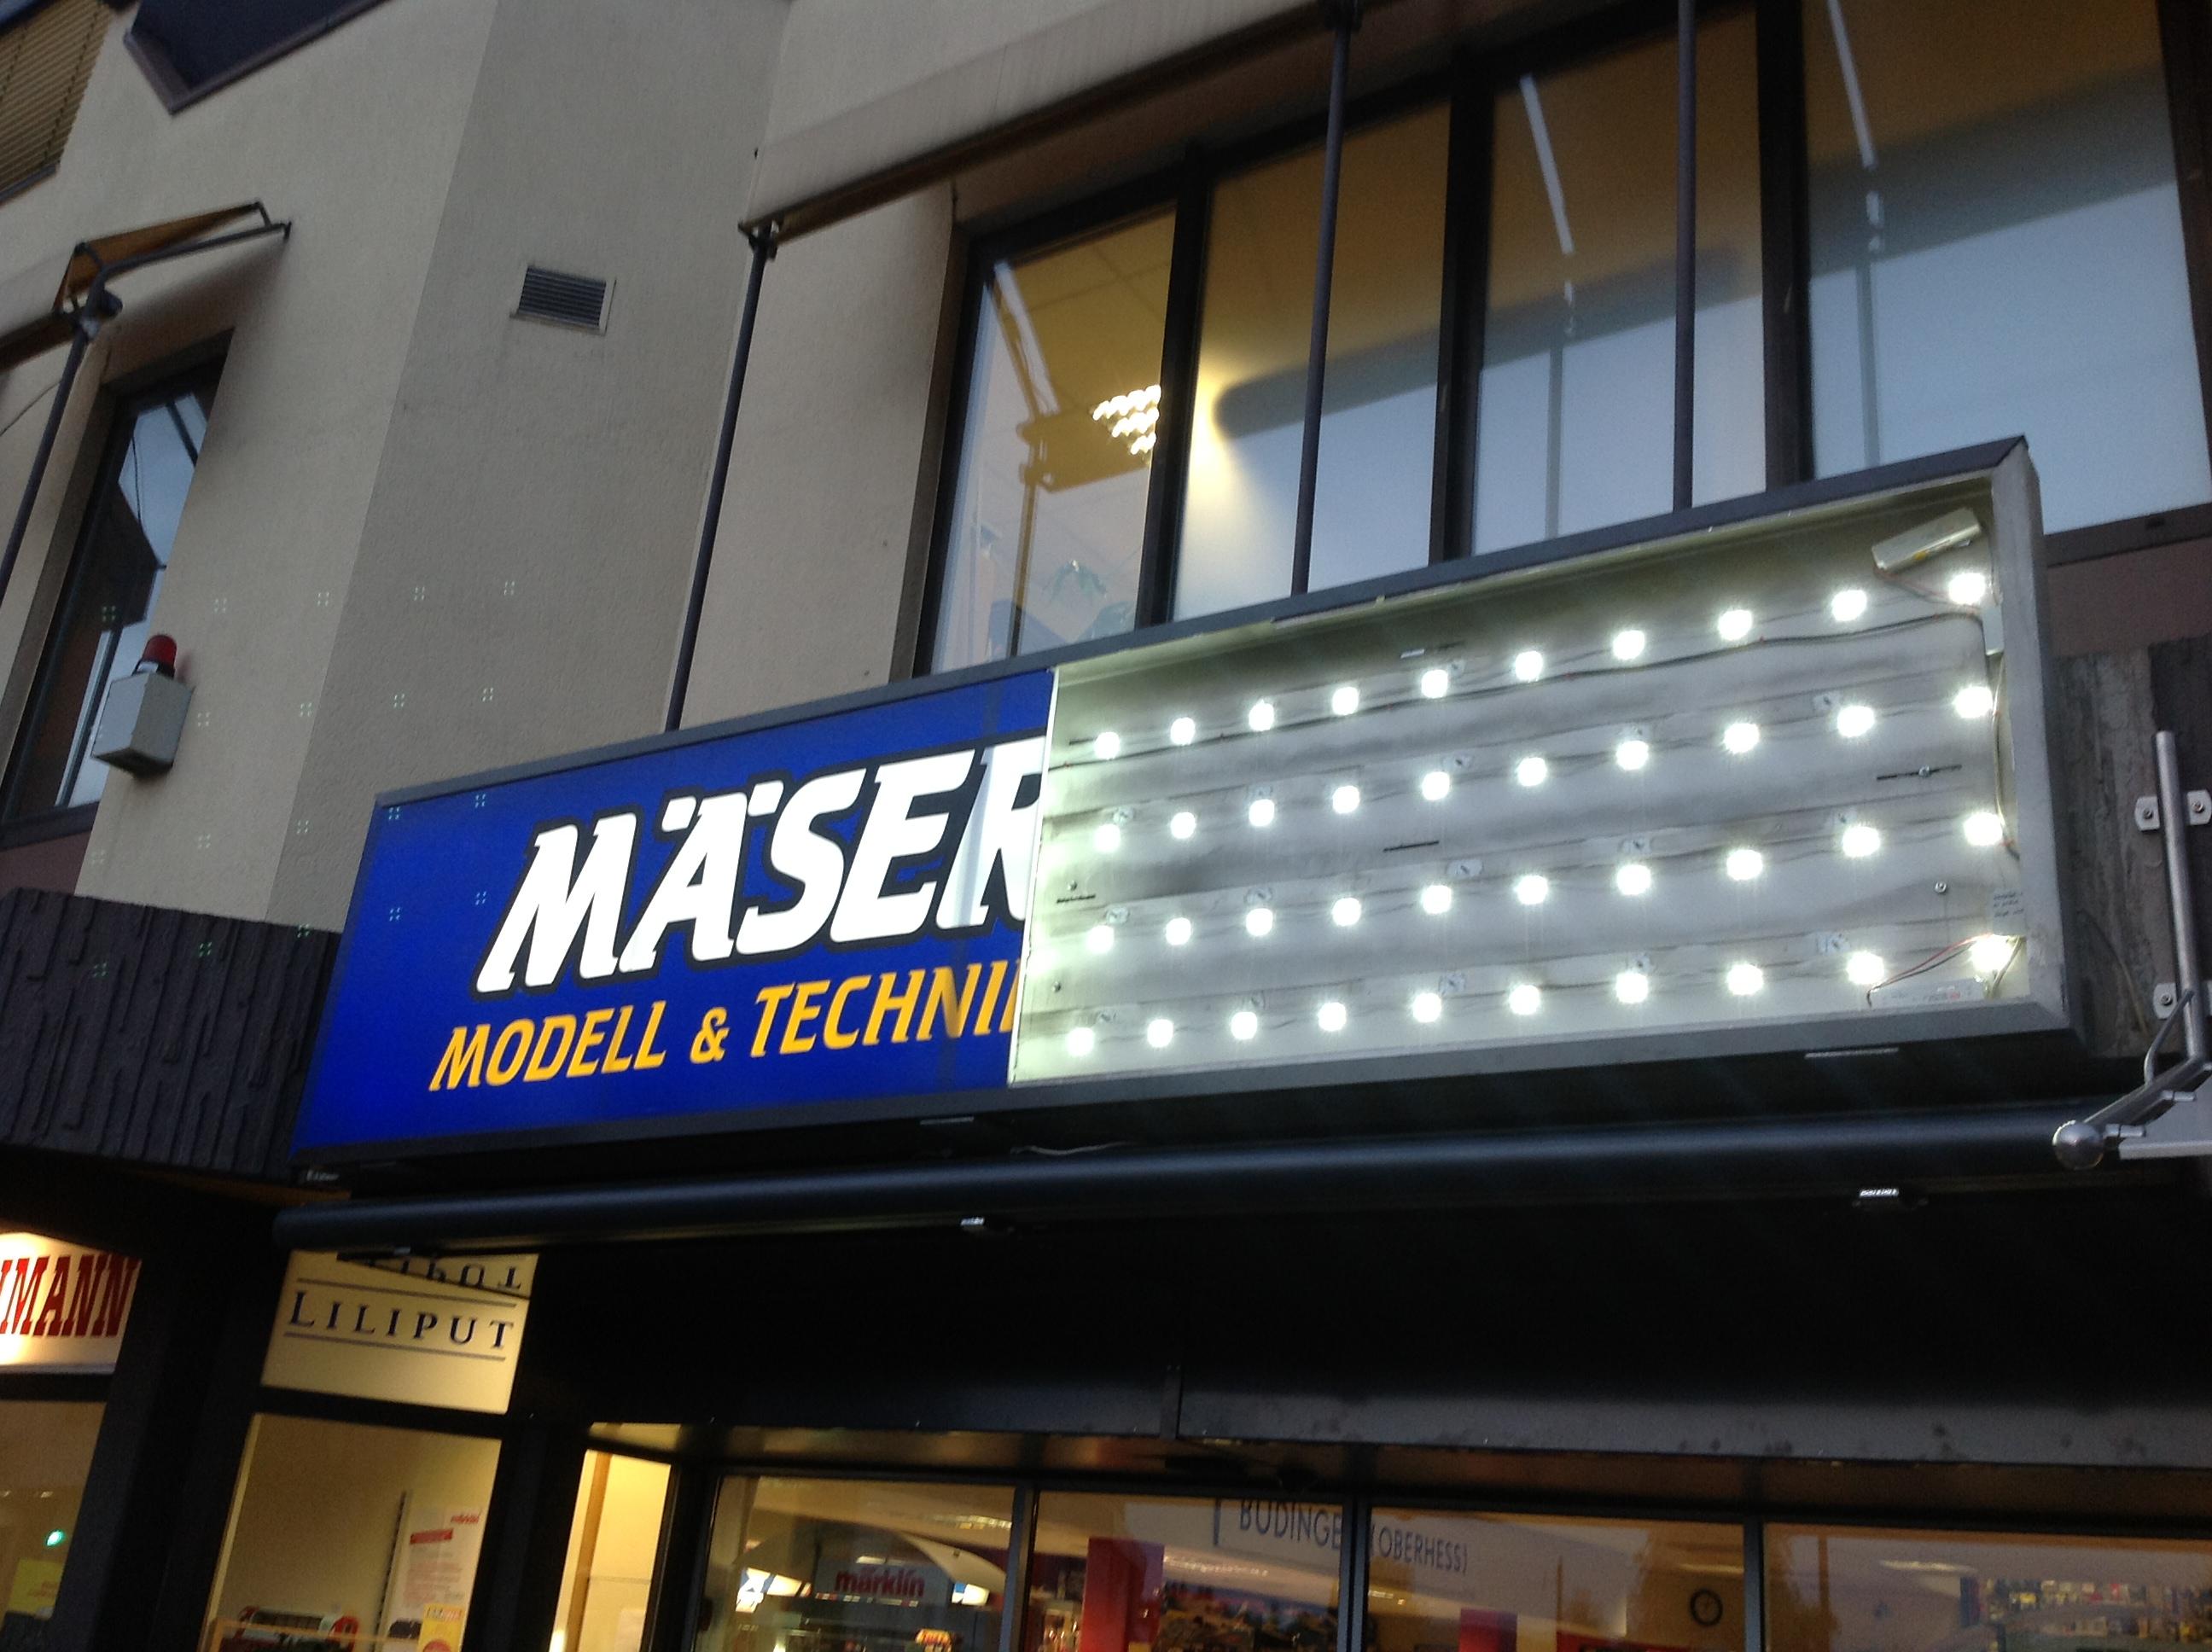 Spanntuchtransparent Maeser